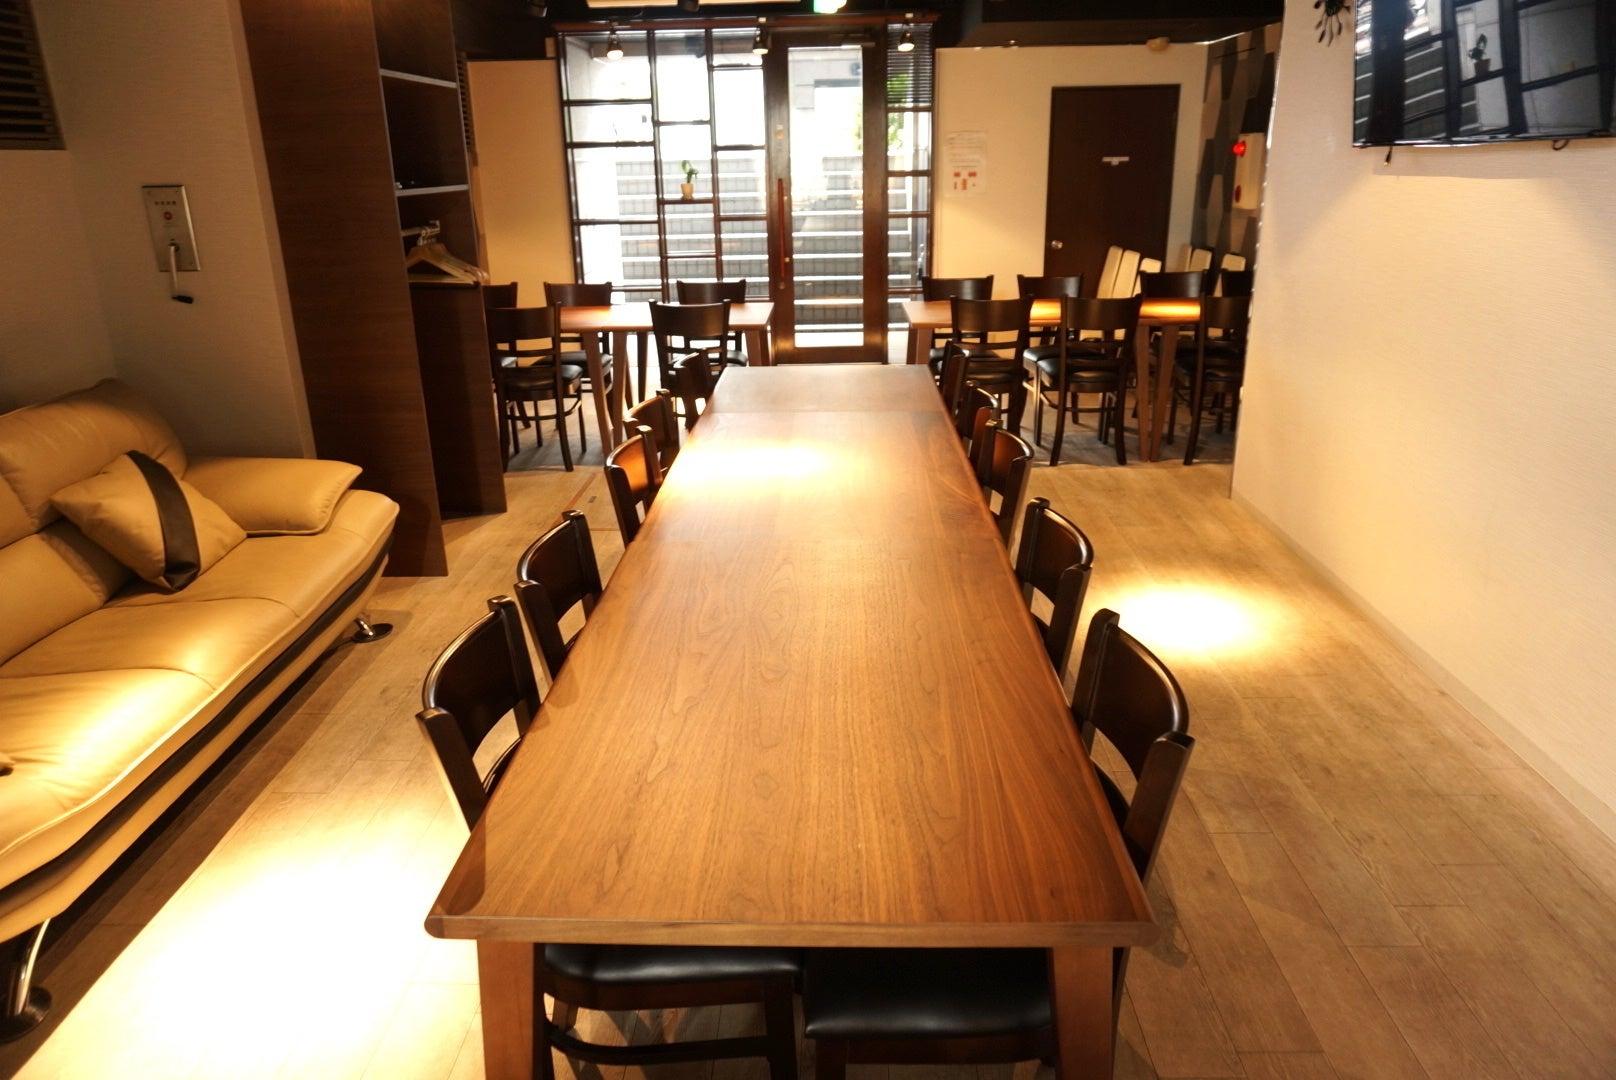 【直前割20%引き】fika新宿御苑 本格キッチン設備の付いた「キッチン付きレンタルスペース」 パーティー・会議・セミナーに の写真